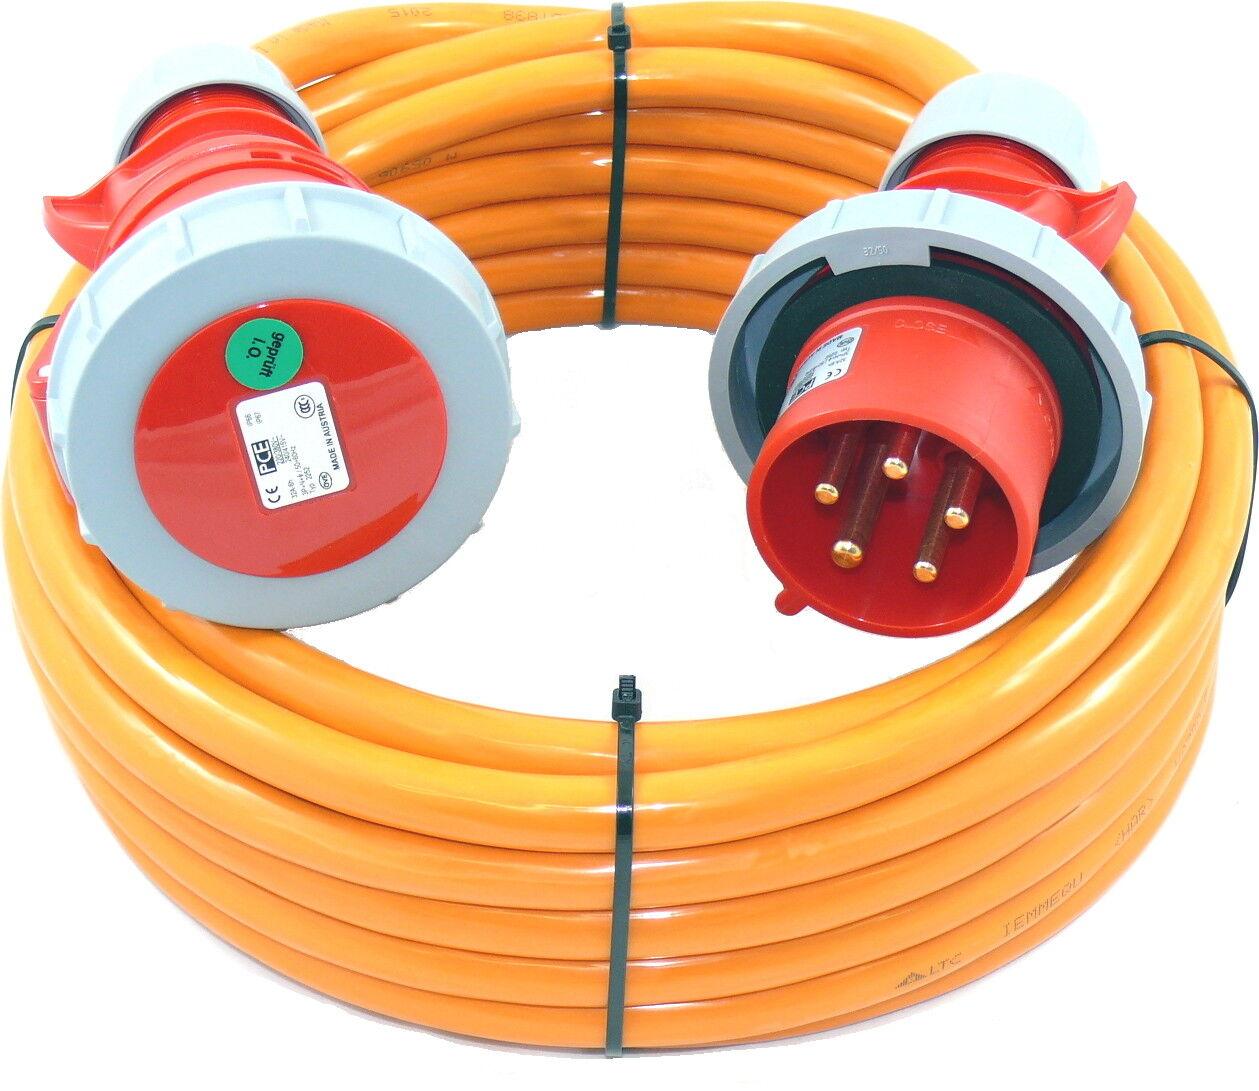 m CEE Verlängerungskabel mit PW wasserdicht H07BQ 5G6 5x6 32A IP67 35m